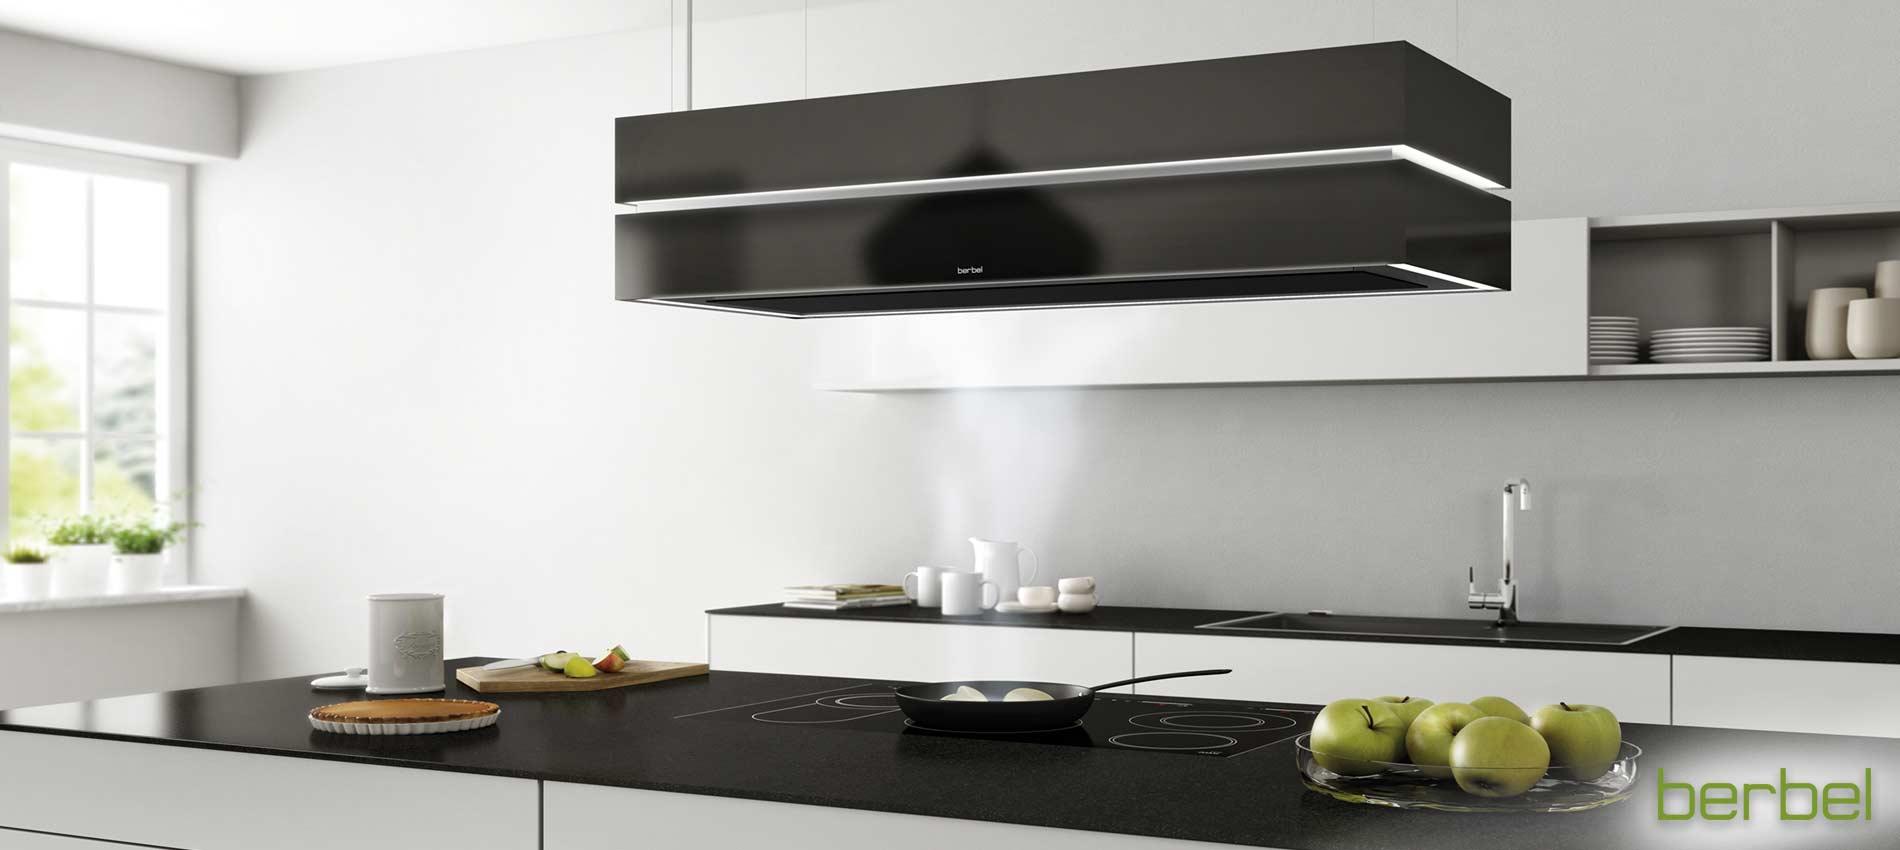 Berbel Dunstabzug-Systeme in Pockau - Möbel u. Küchen Schmutzler ...